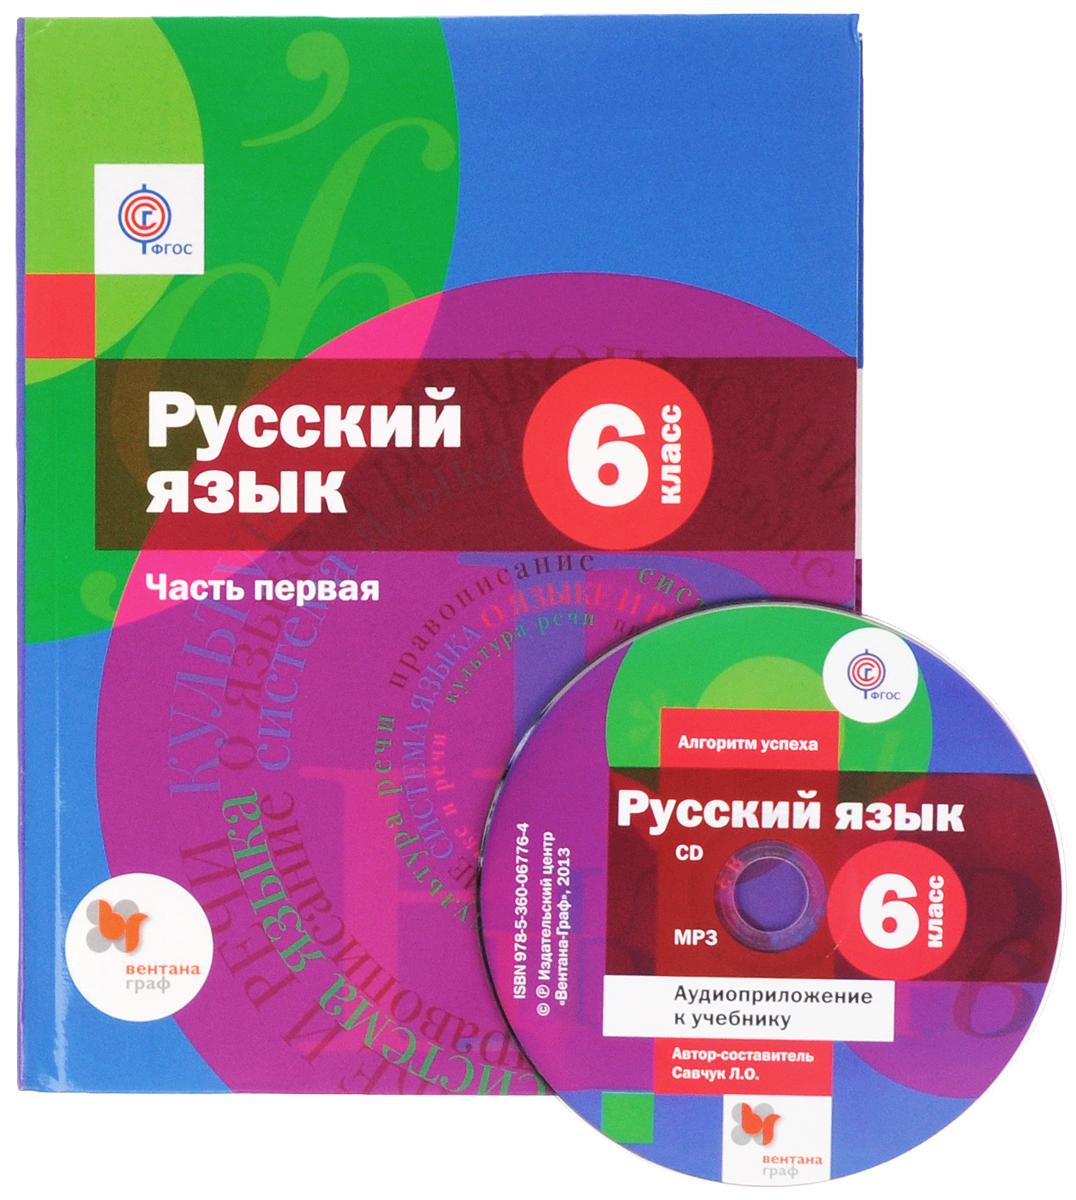 Русский язык. 6 класс. Учебник. В 2 частях. Часть 1 (+ CD)